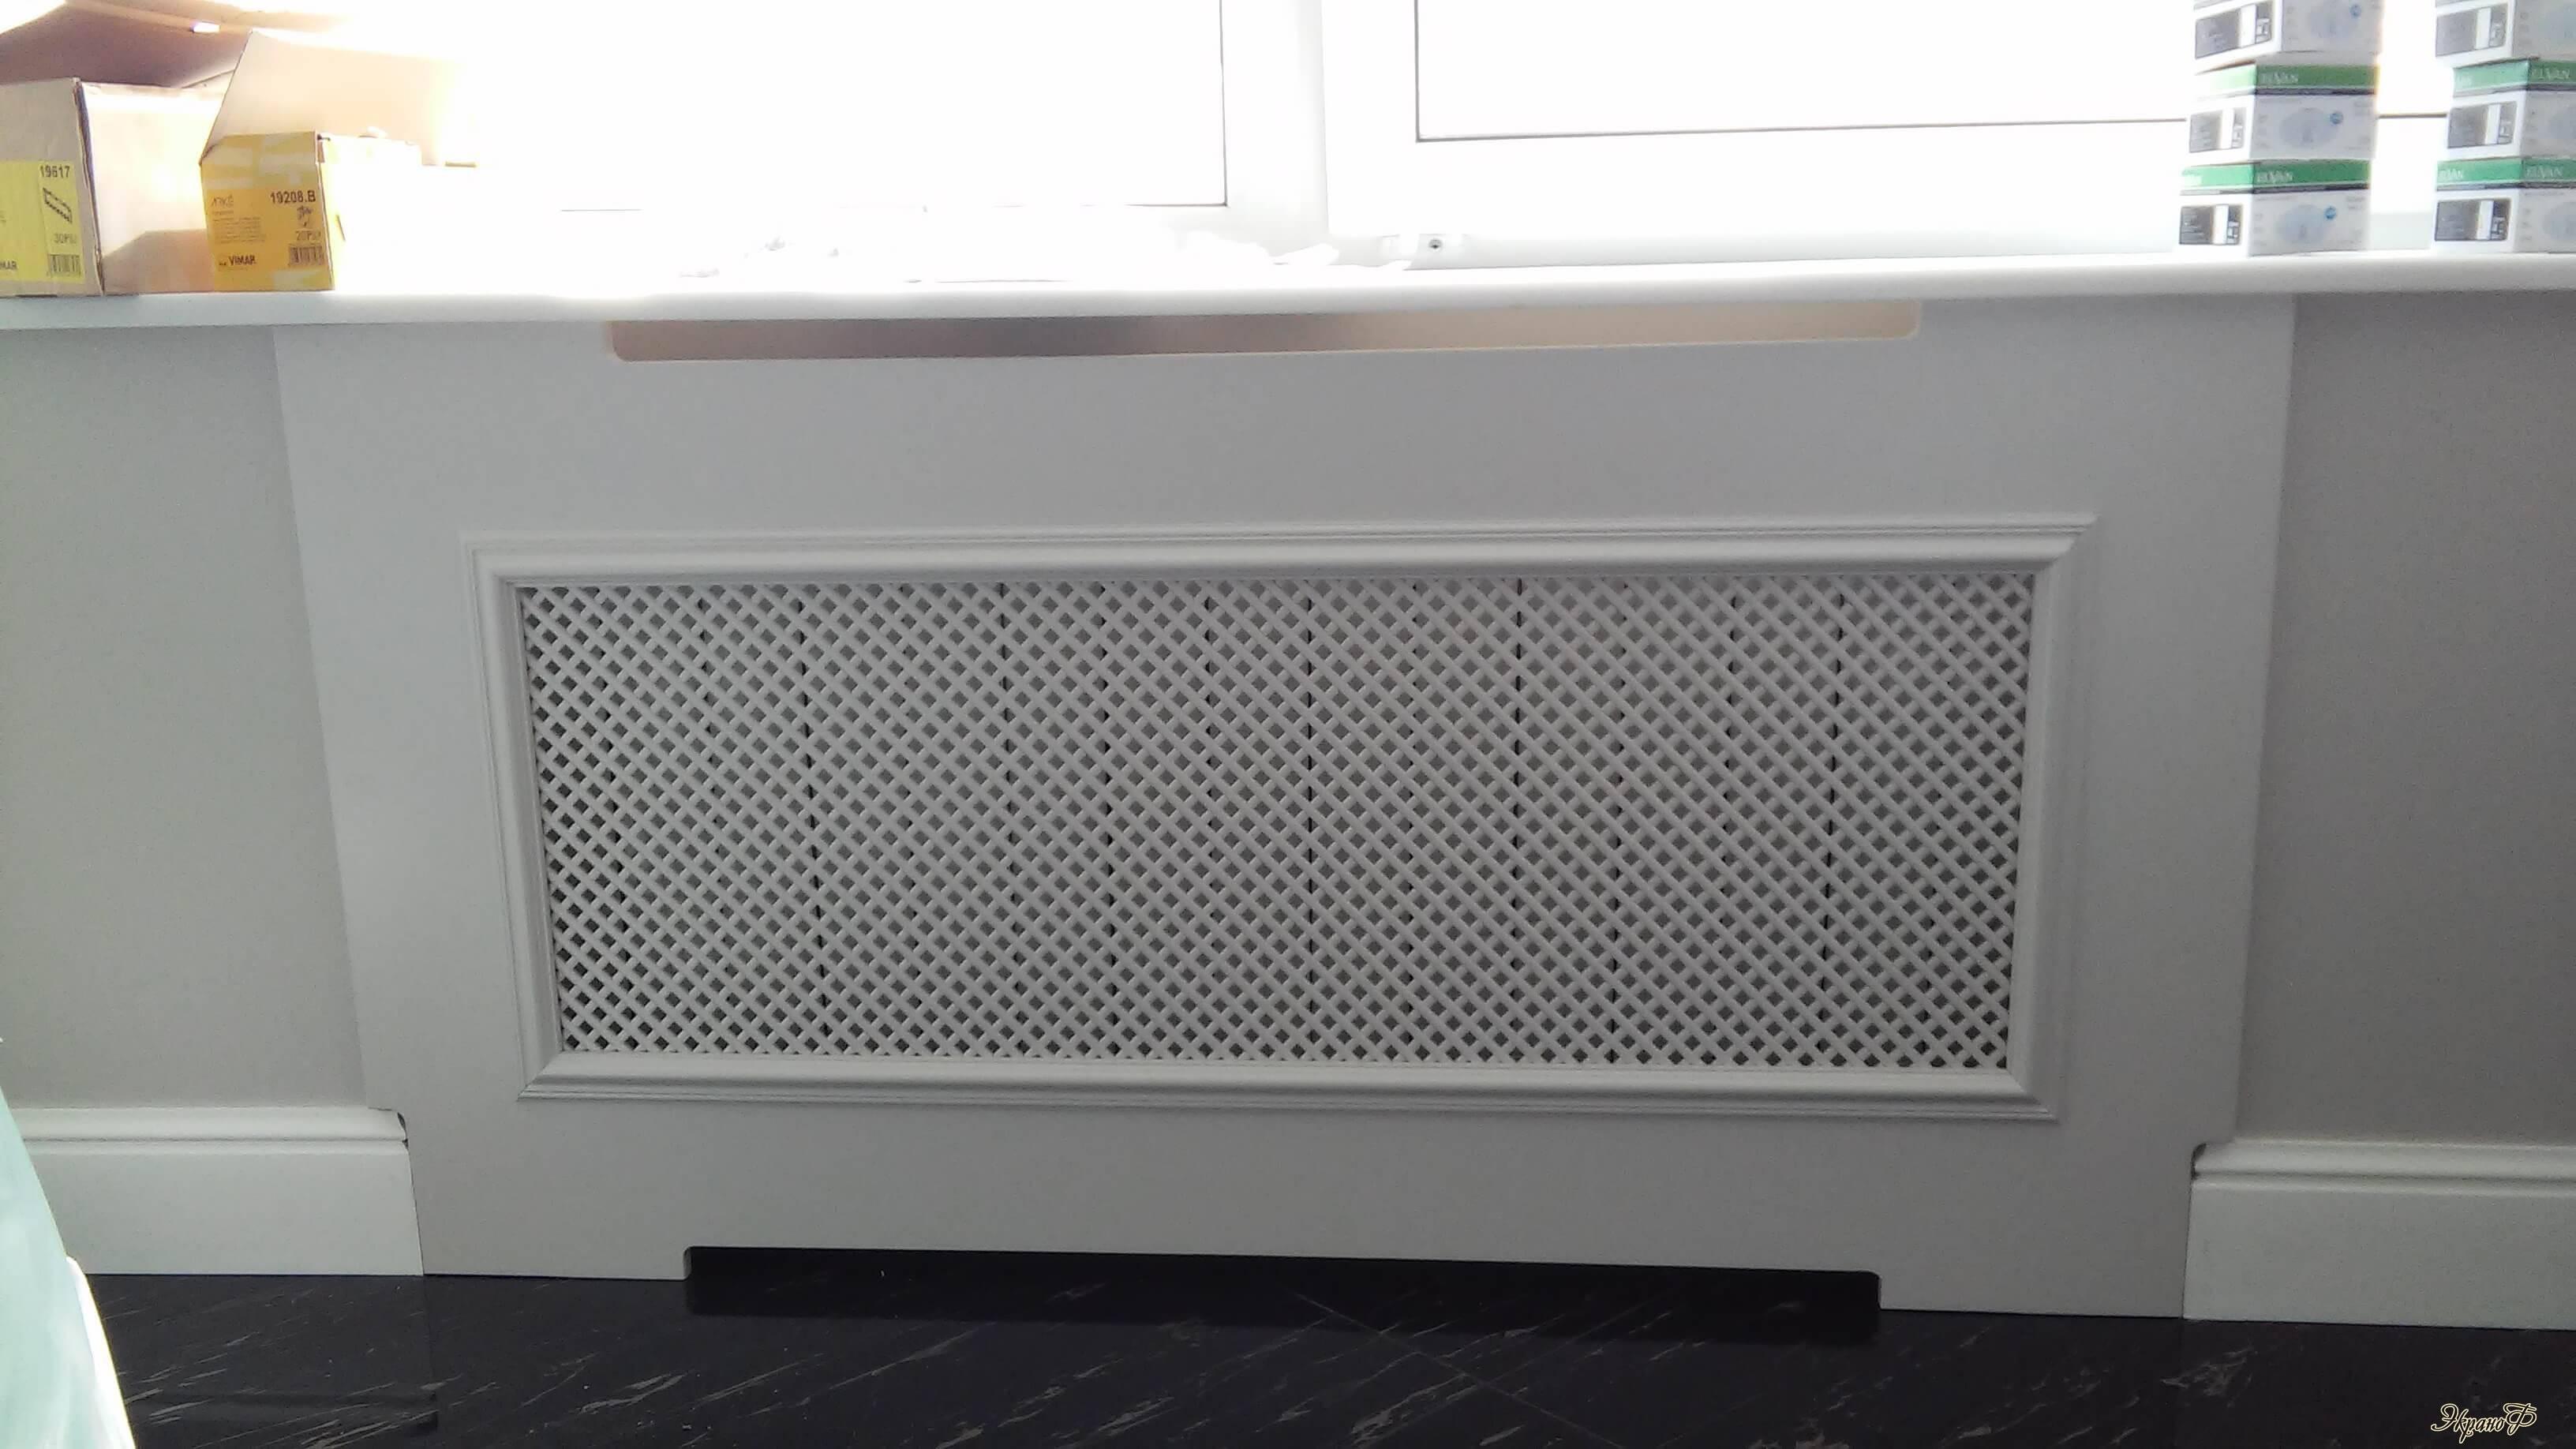 Декоративные экраны для батарей отопления: как выбрать и установить